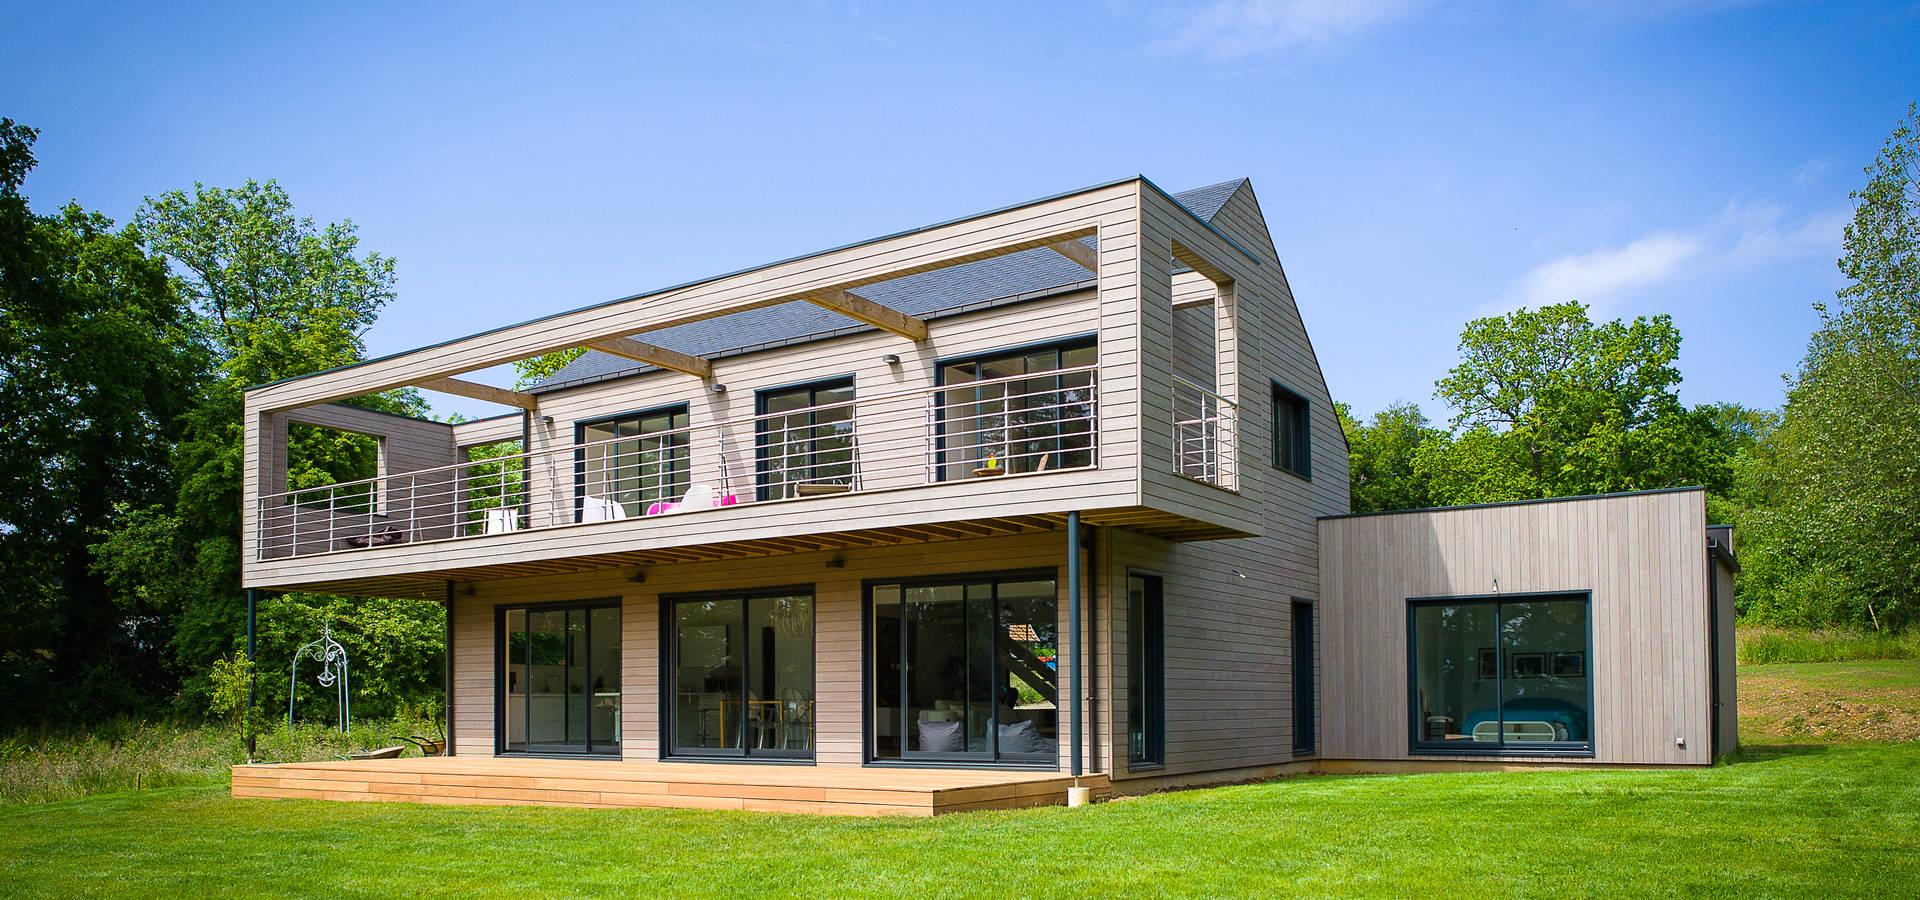 Maison En Bois Normandie construction d'une maison bois en haute normandieantoine